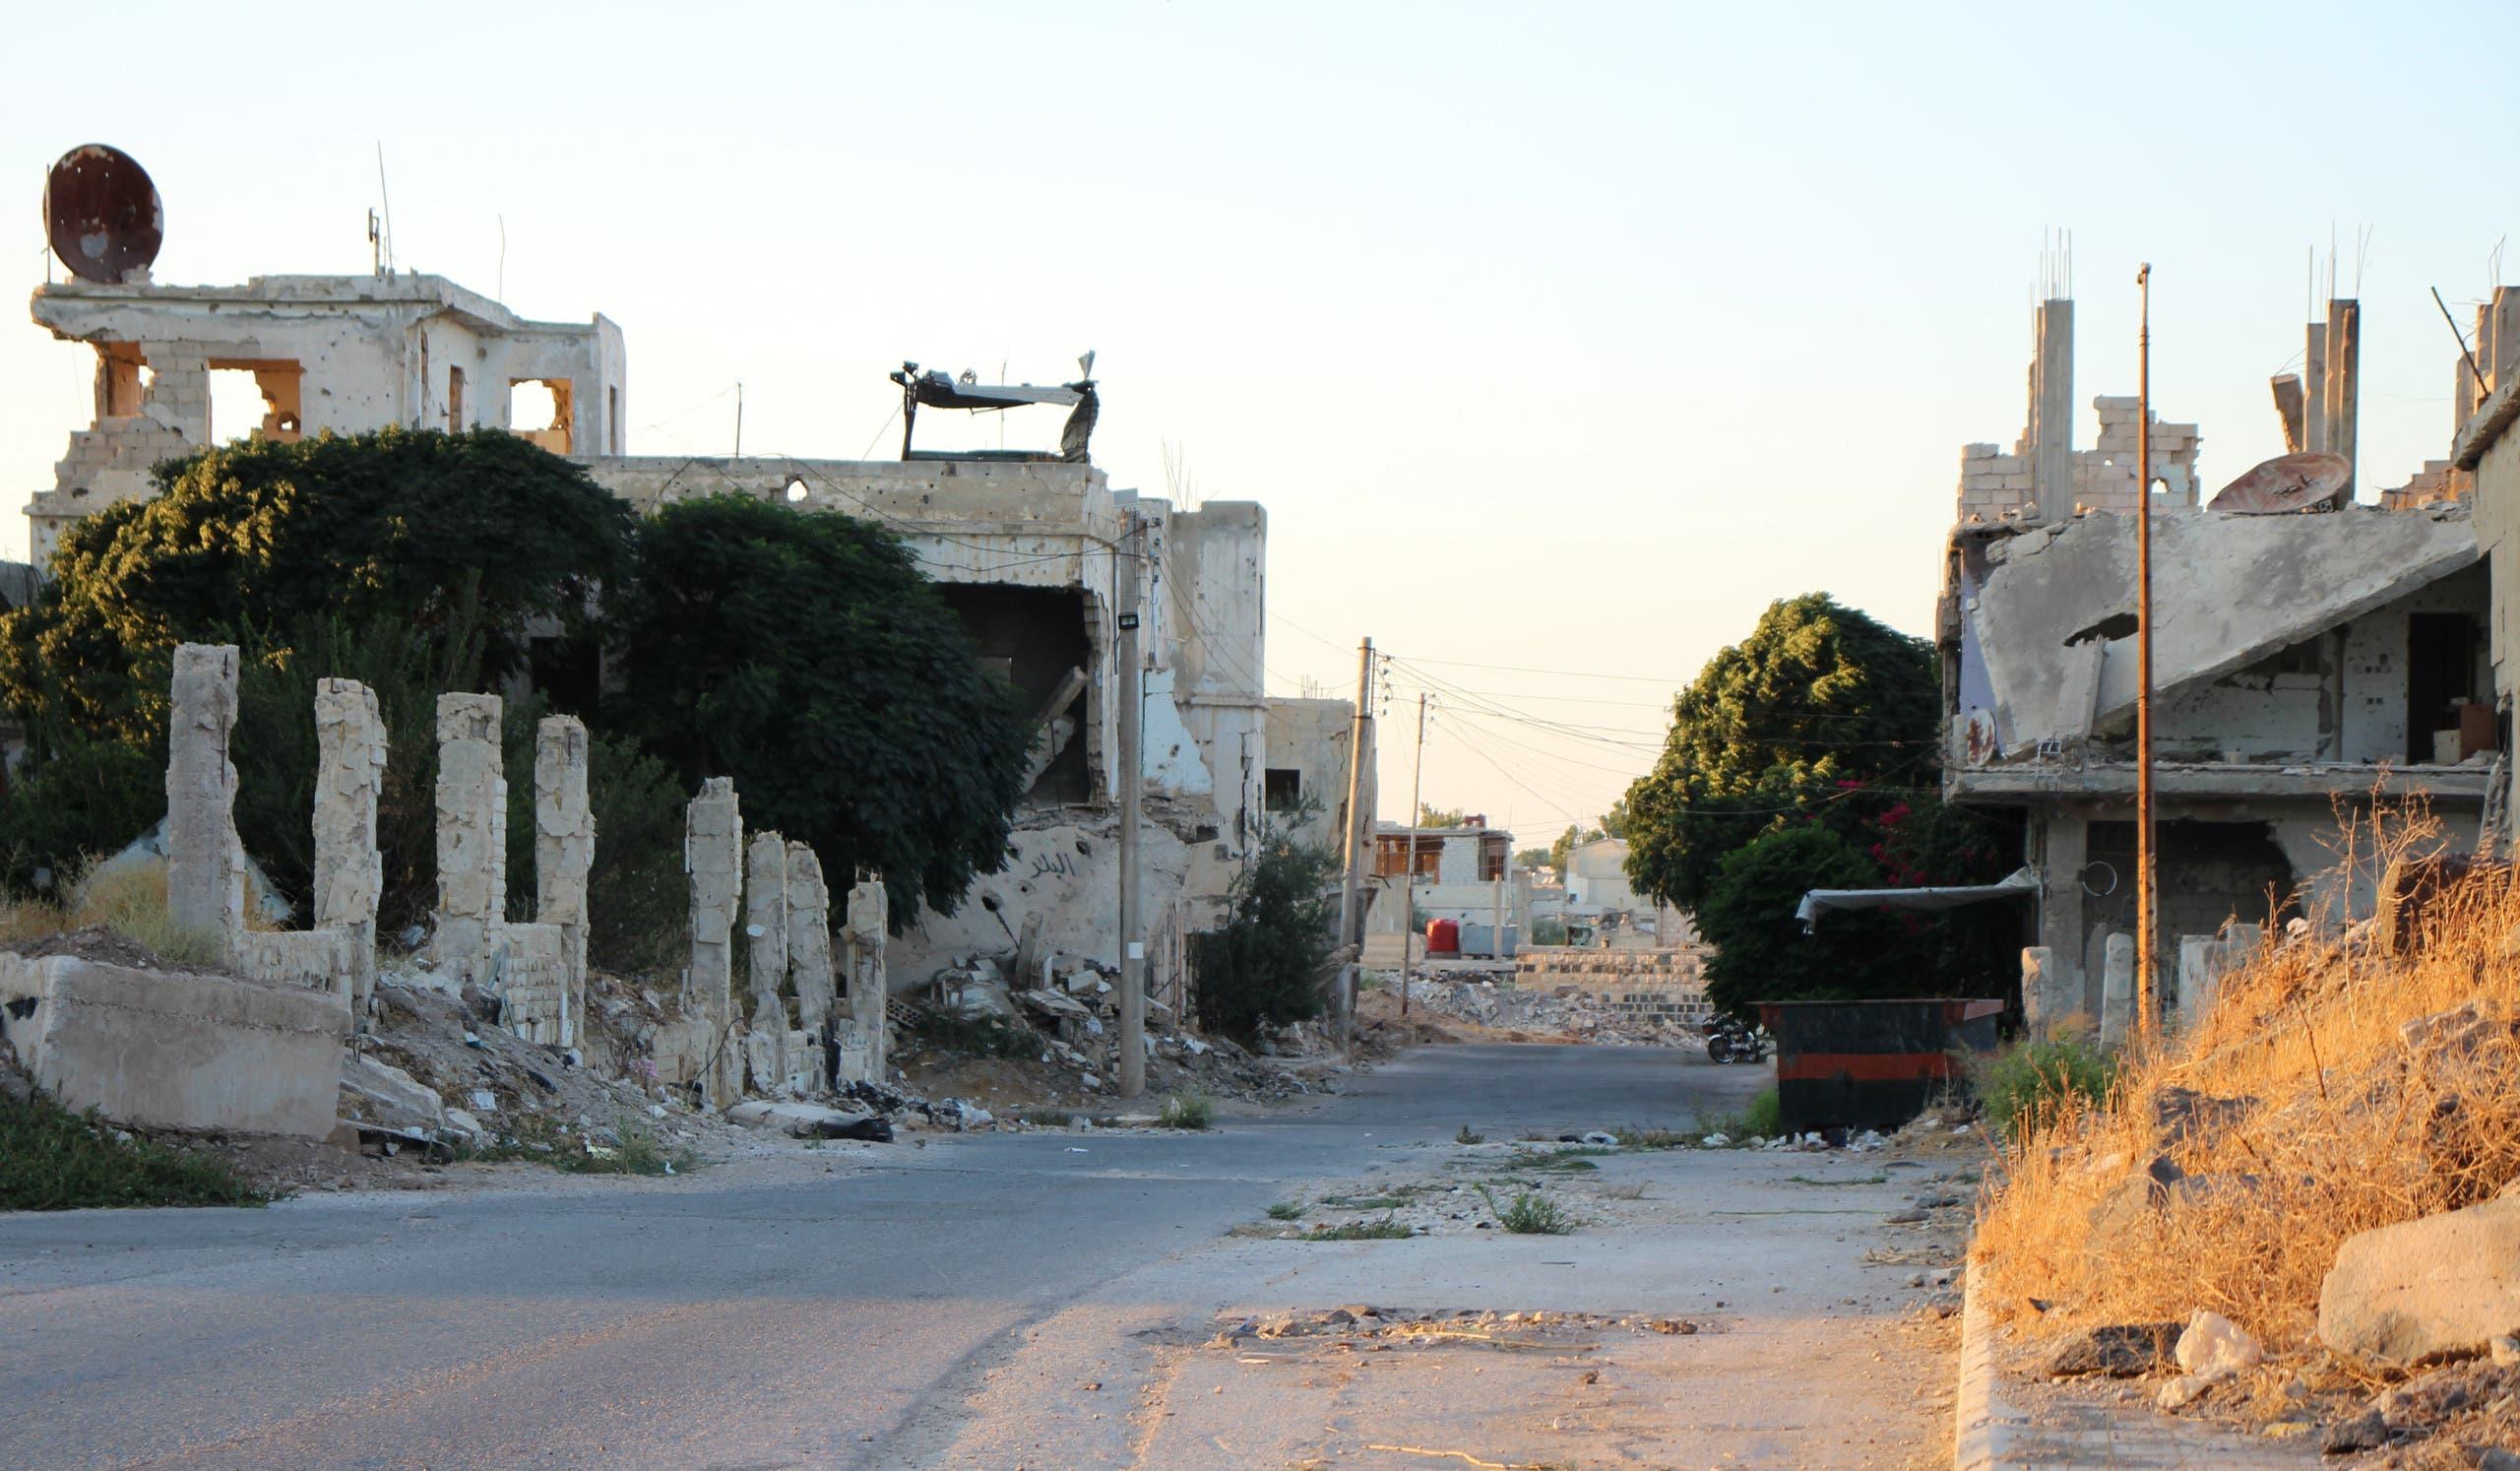 شوارع درعا البلد خالية من المارة والسكان بسبب هجوم قوات النظام